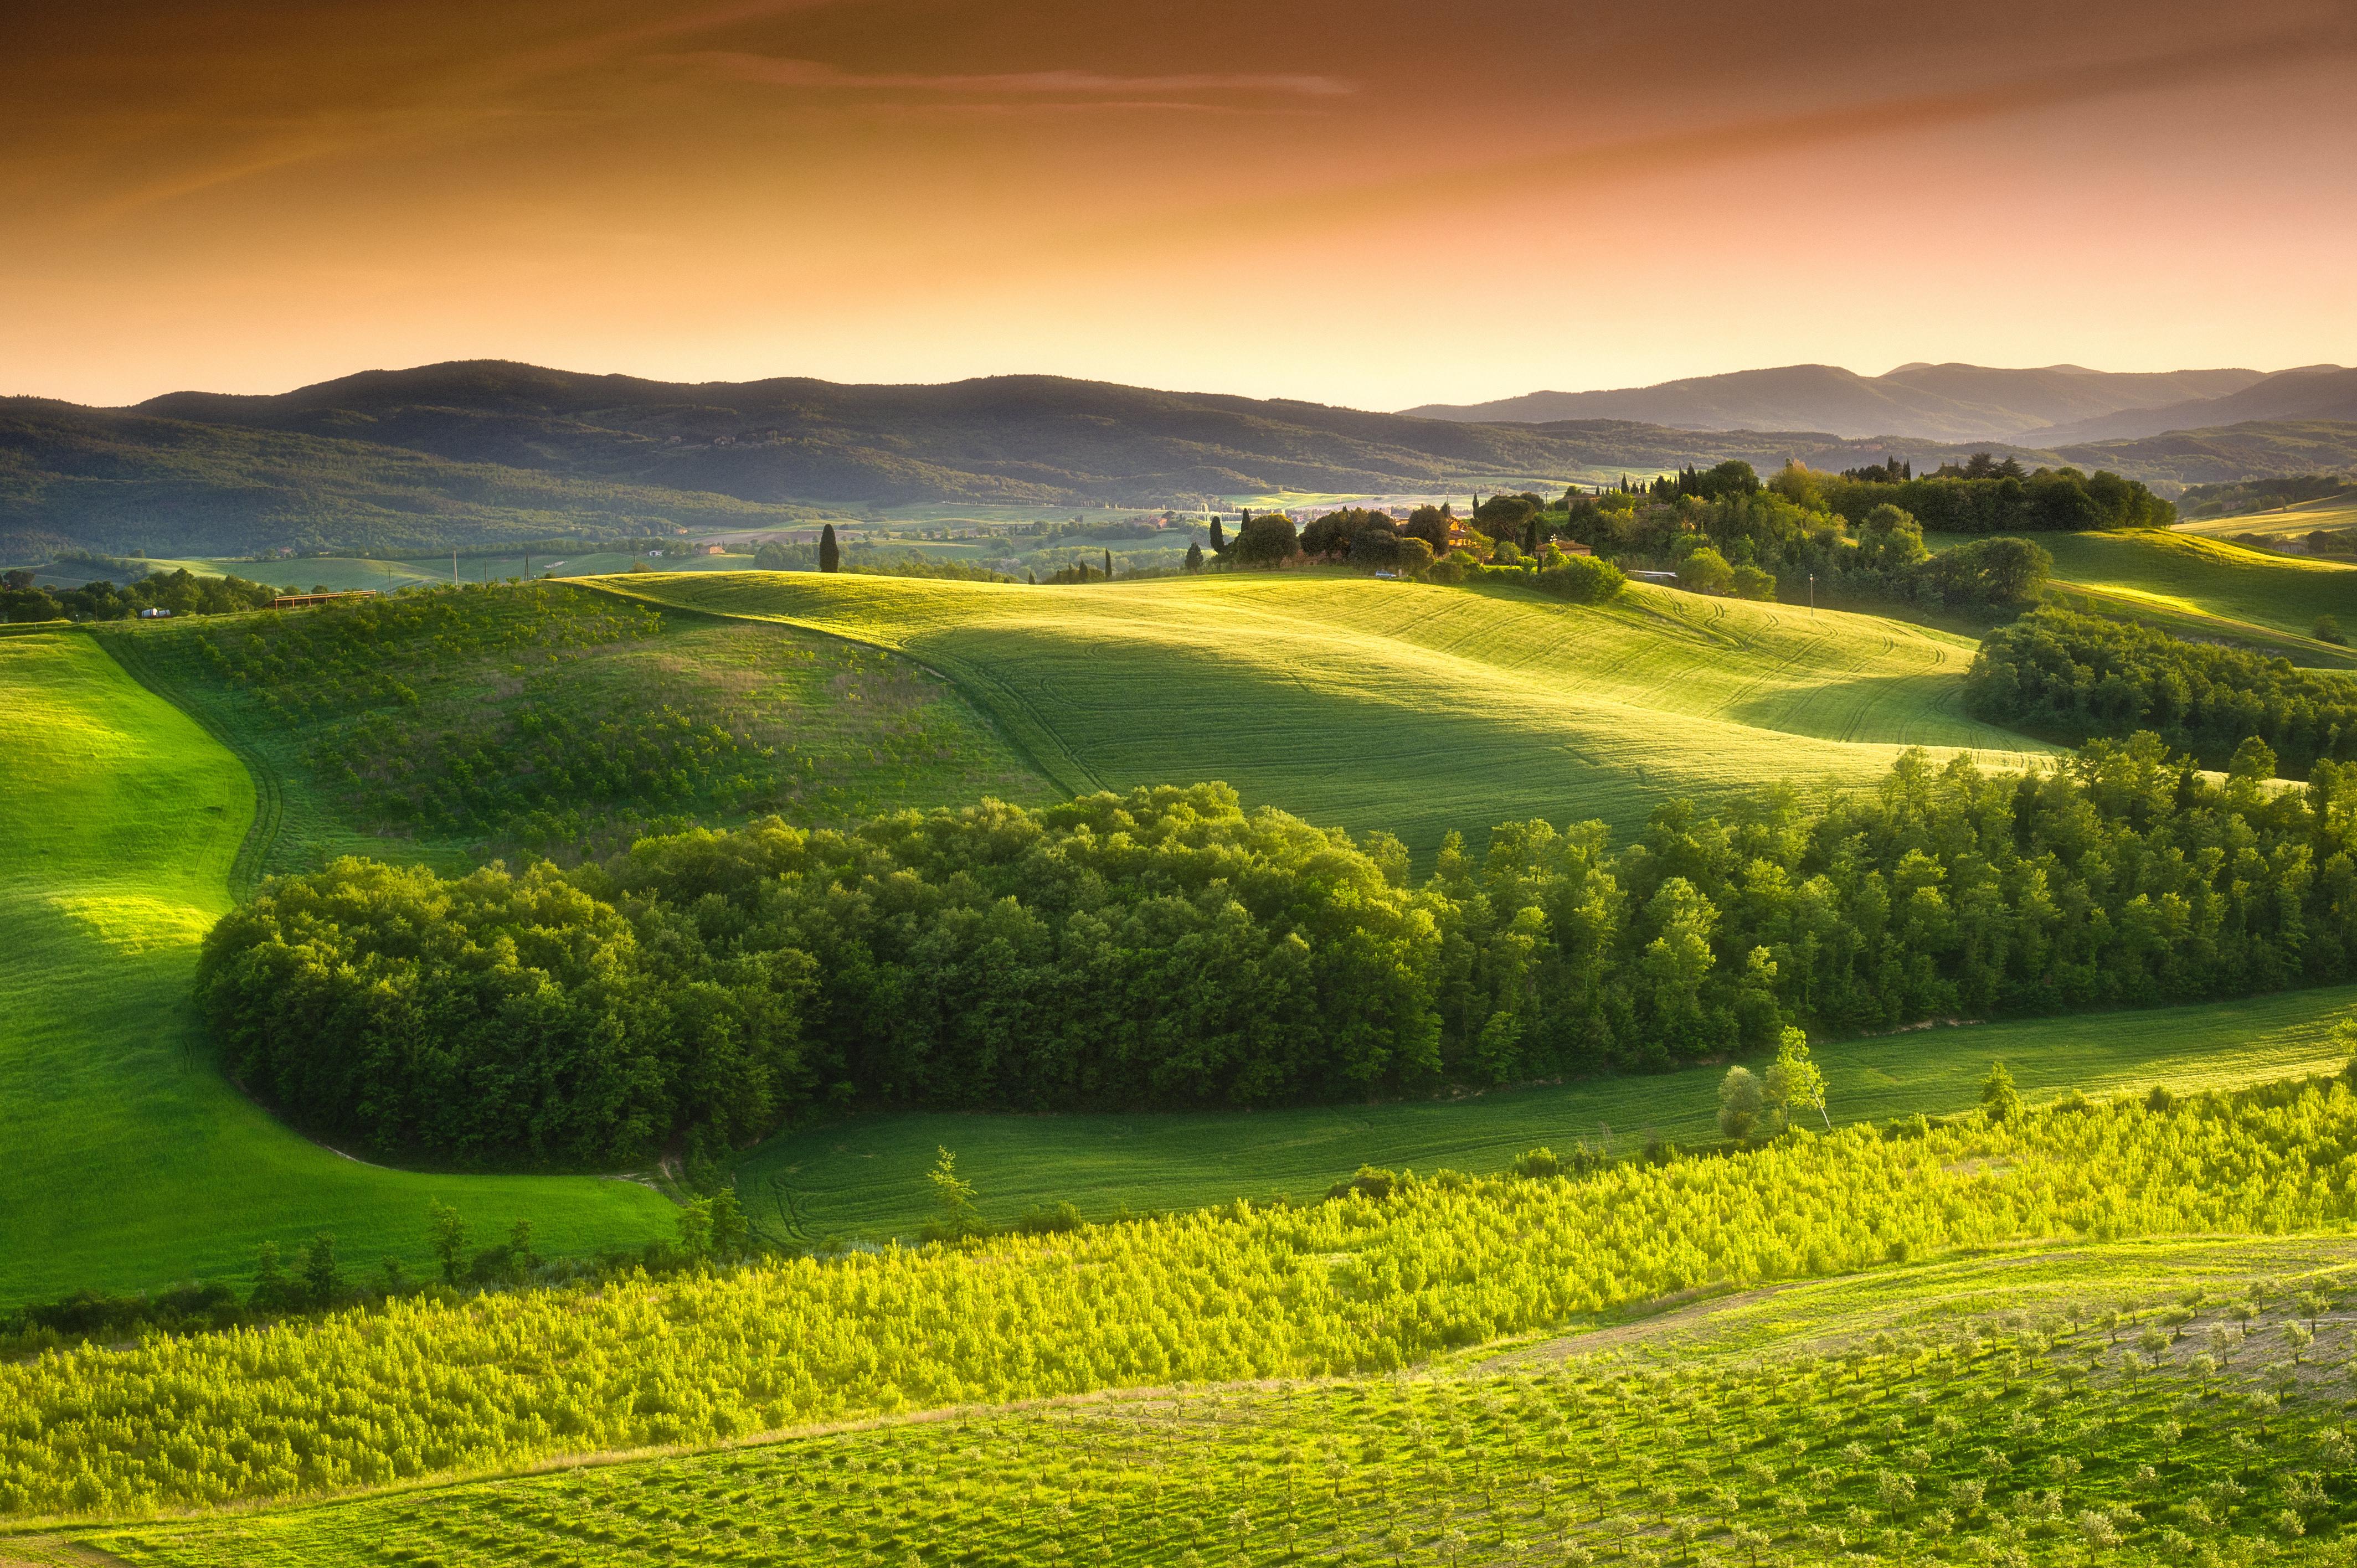 Champs agricoles Italie - Fond d'écran HD